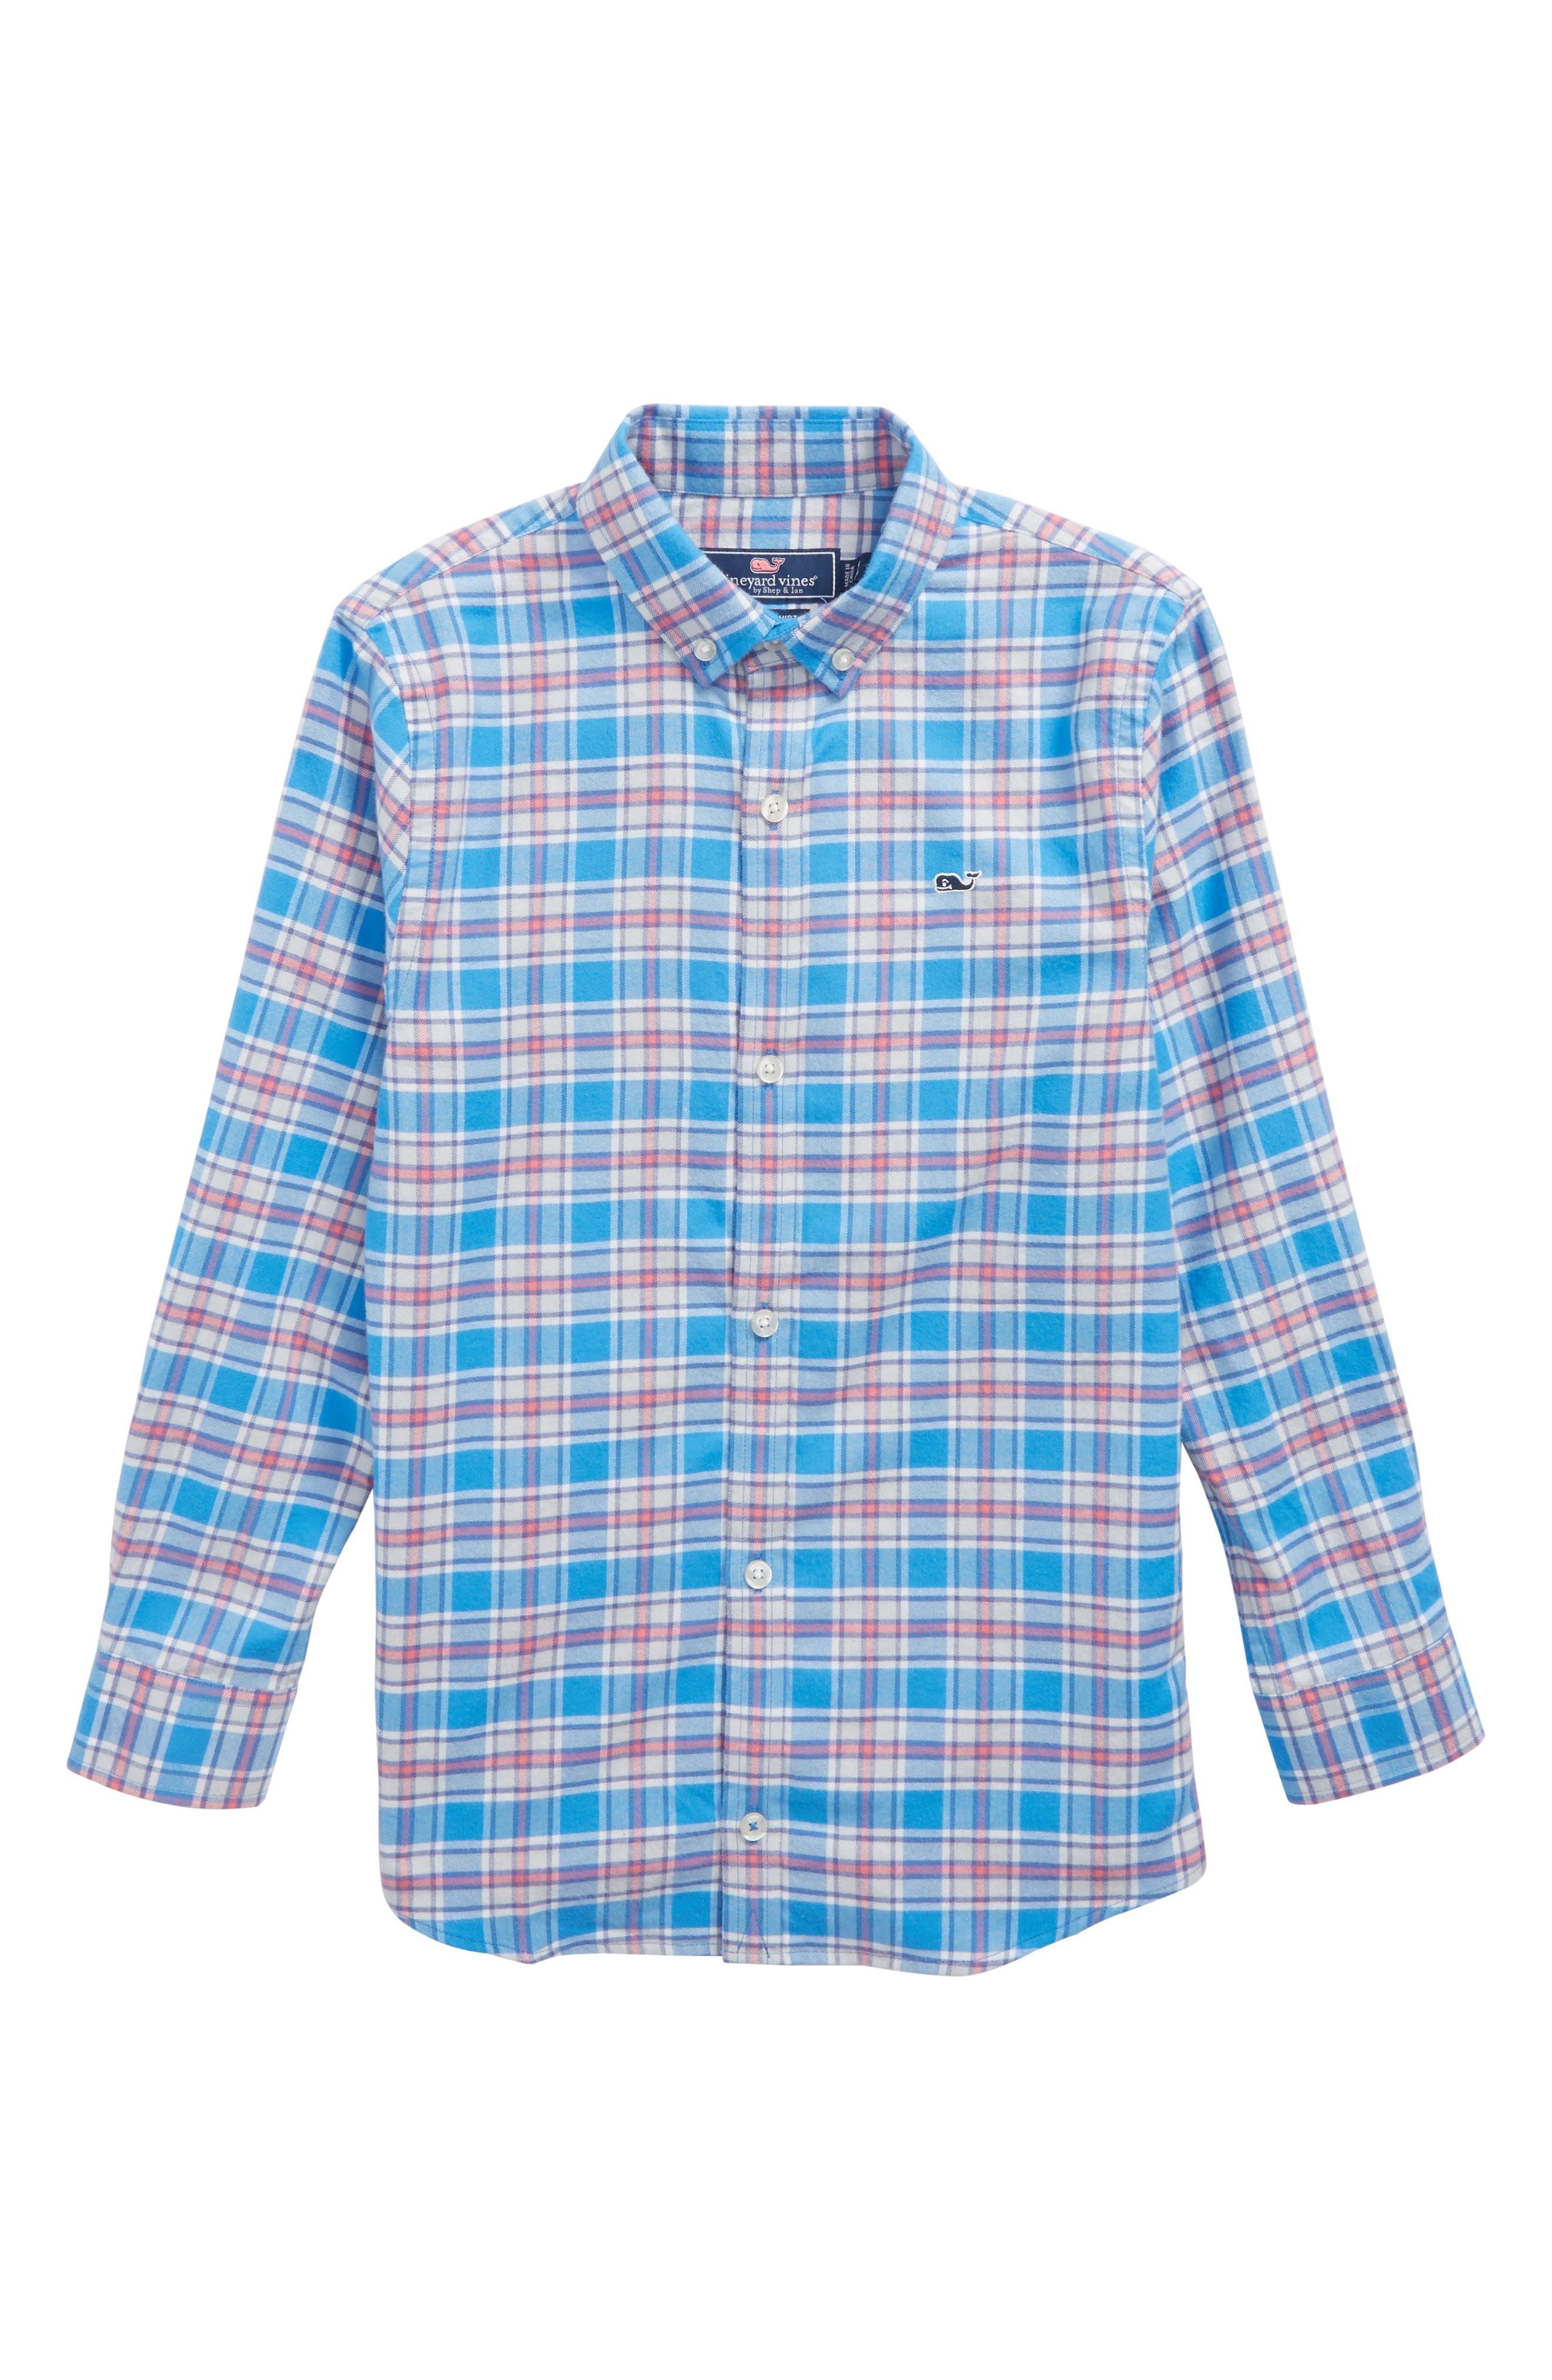 Sandy Point Plaid Whale Flannel Shirt,                             Main thumbnail 1, color,                             401